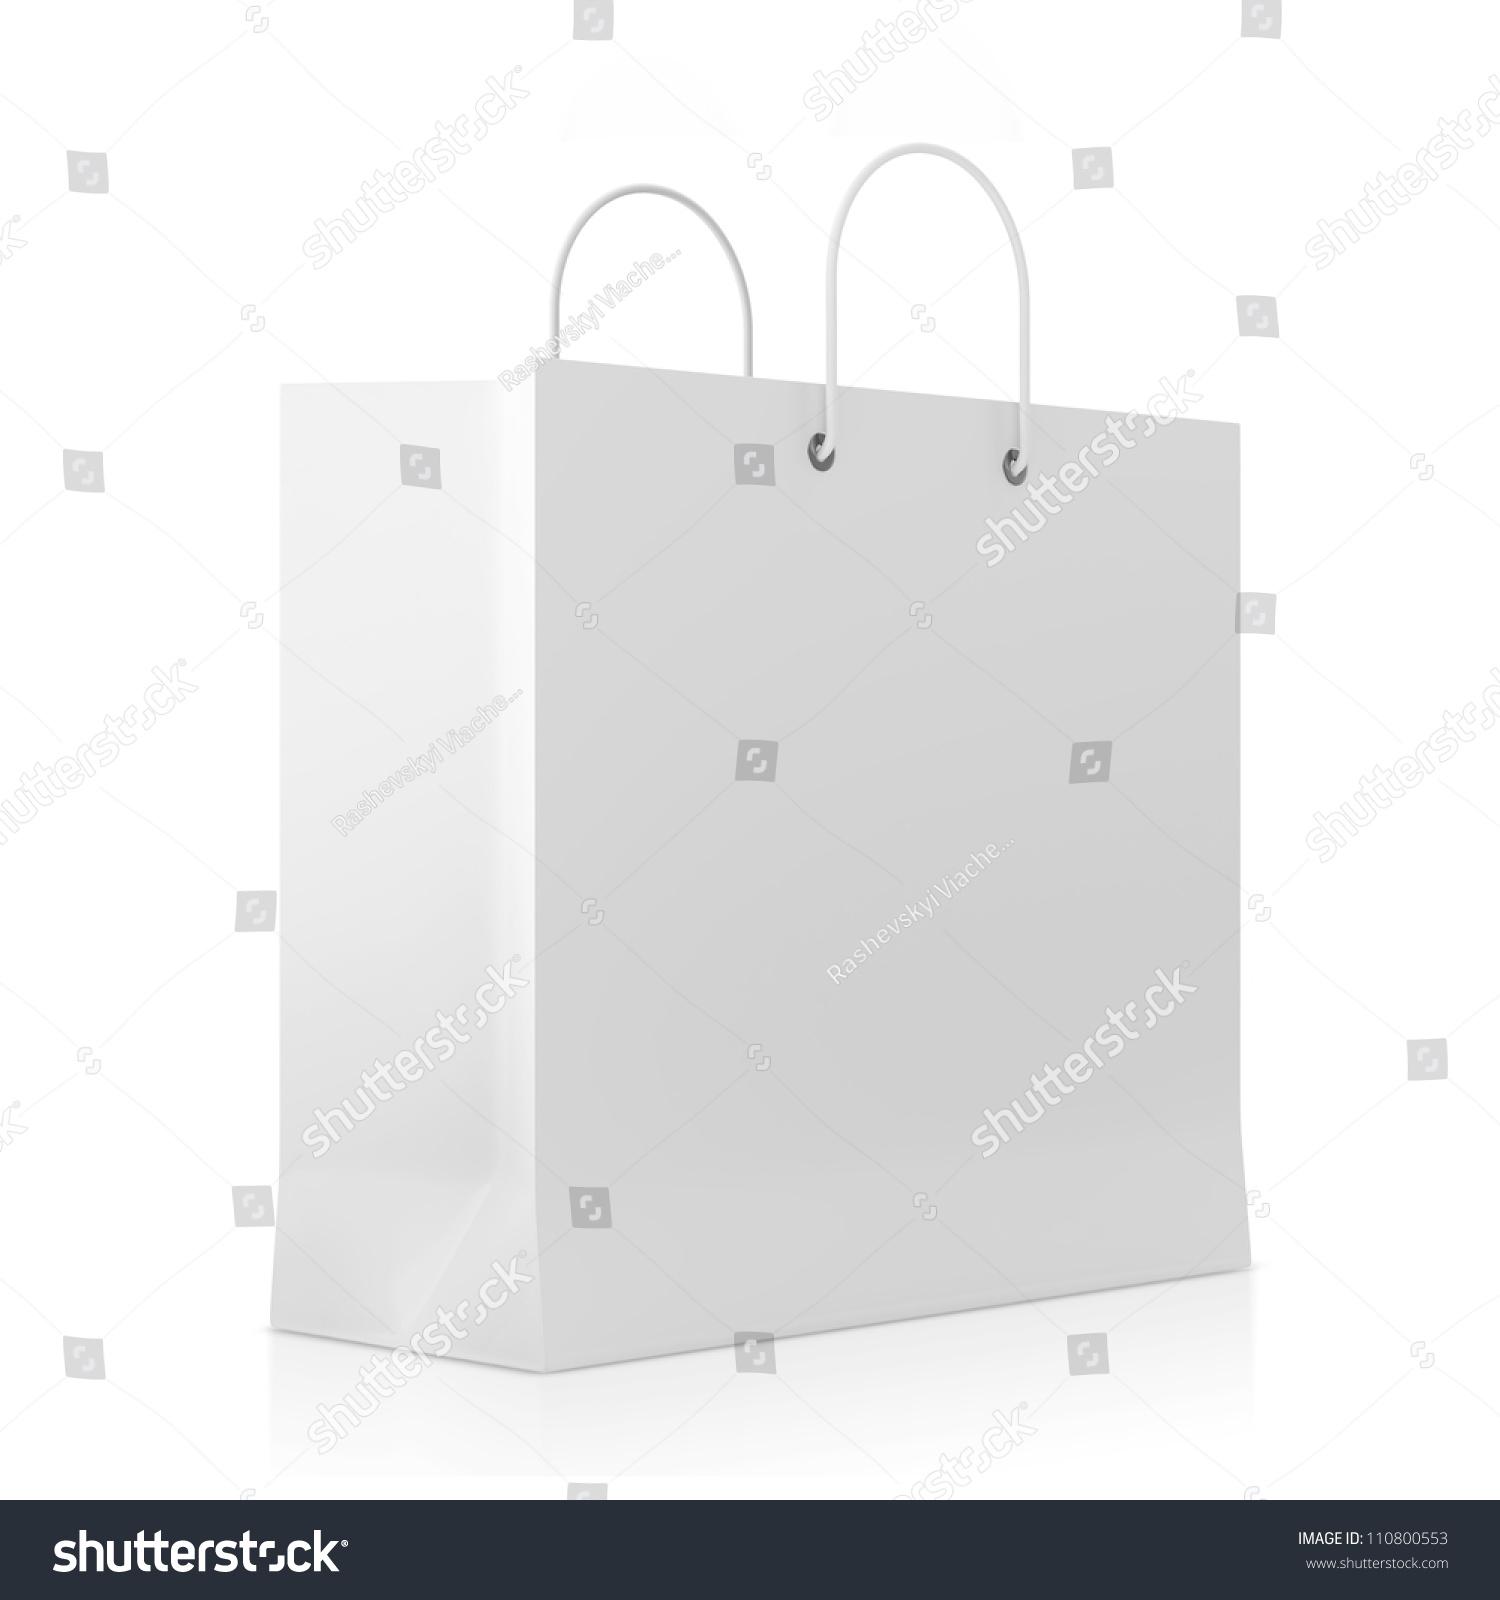 Blank White Shopping Bag Isolated On White Background Stock Photo ...